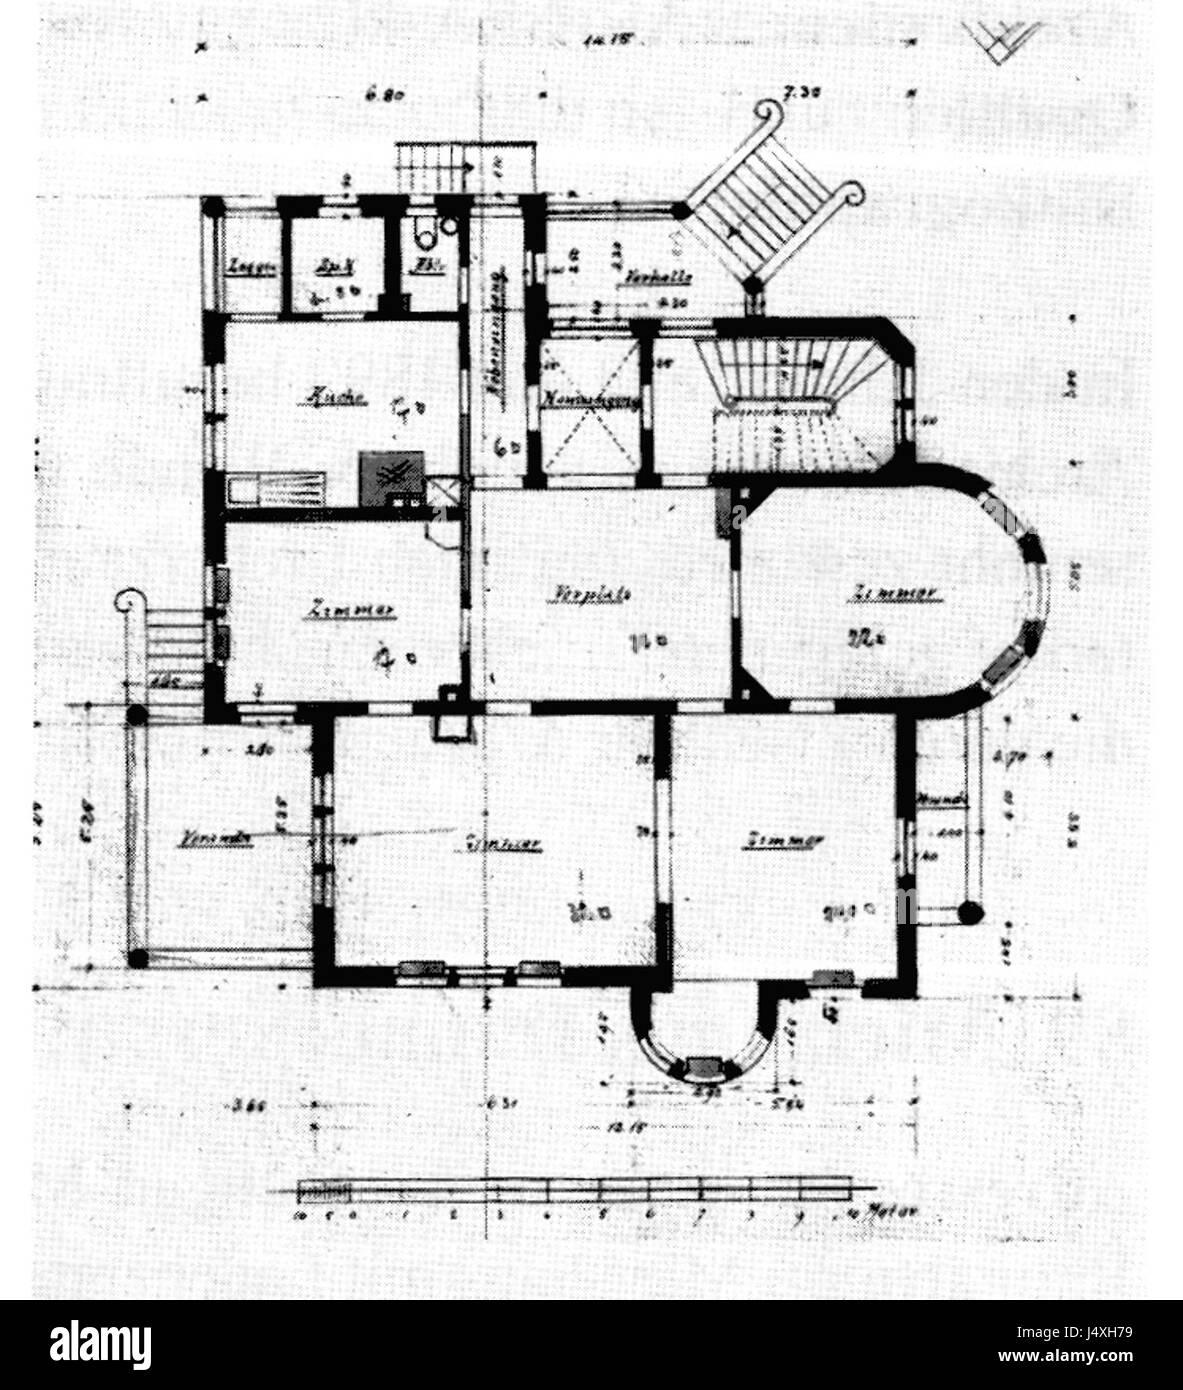 1 Stuttgart Architekten Eisenlohr Und Weigle Grundriss Von 1898 Quelle Annette Schmidt Ludwig Ein Architekt Weg V Historismus Z Moderne